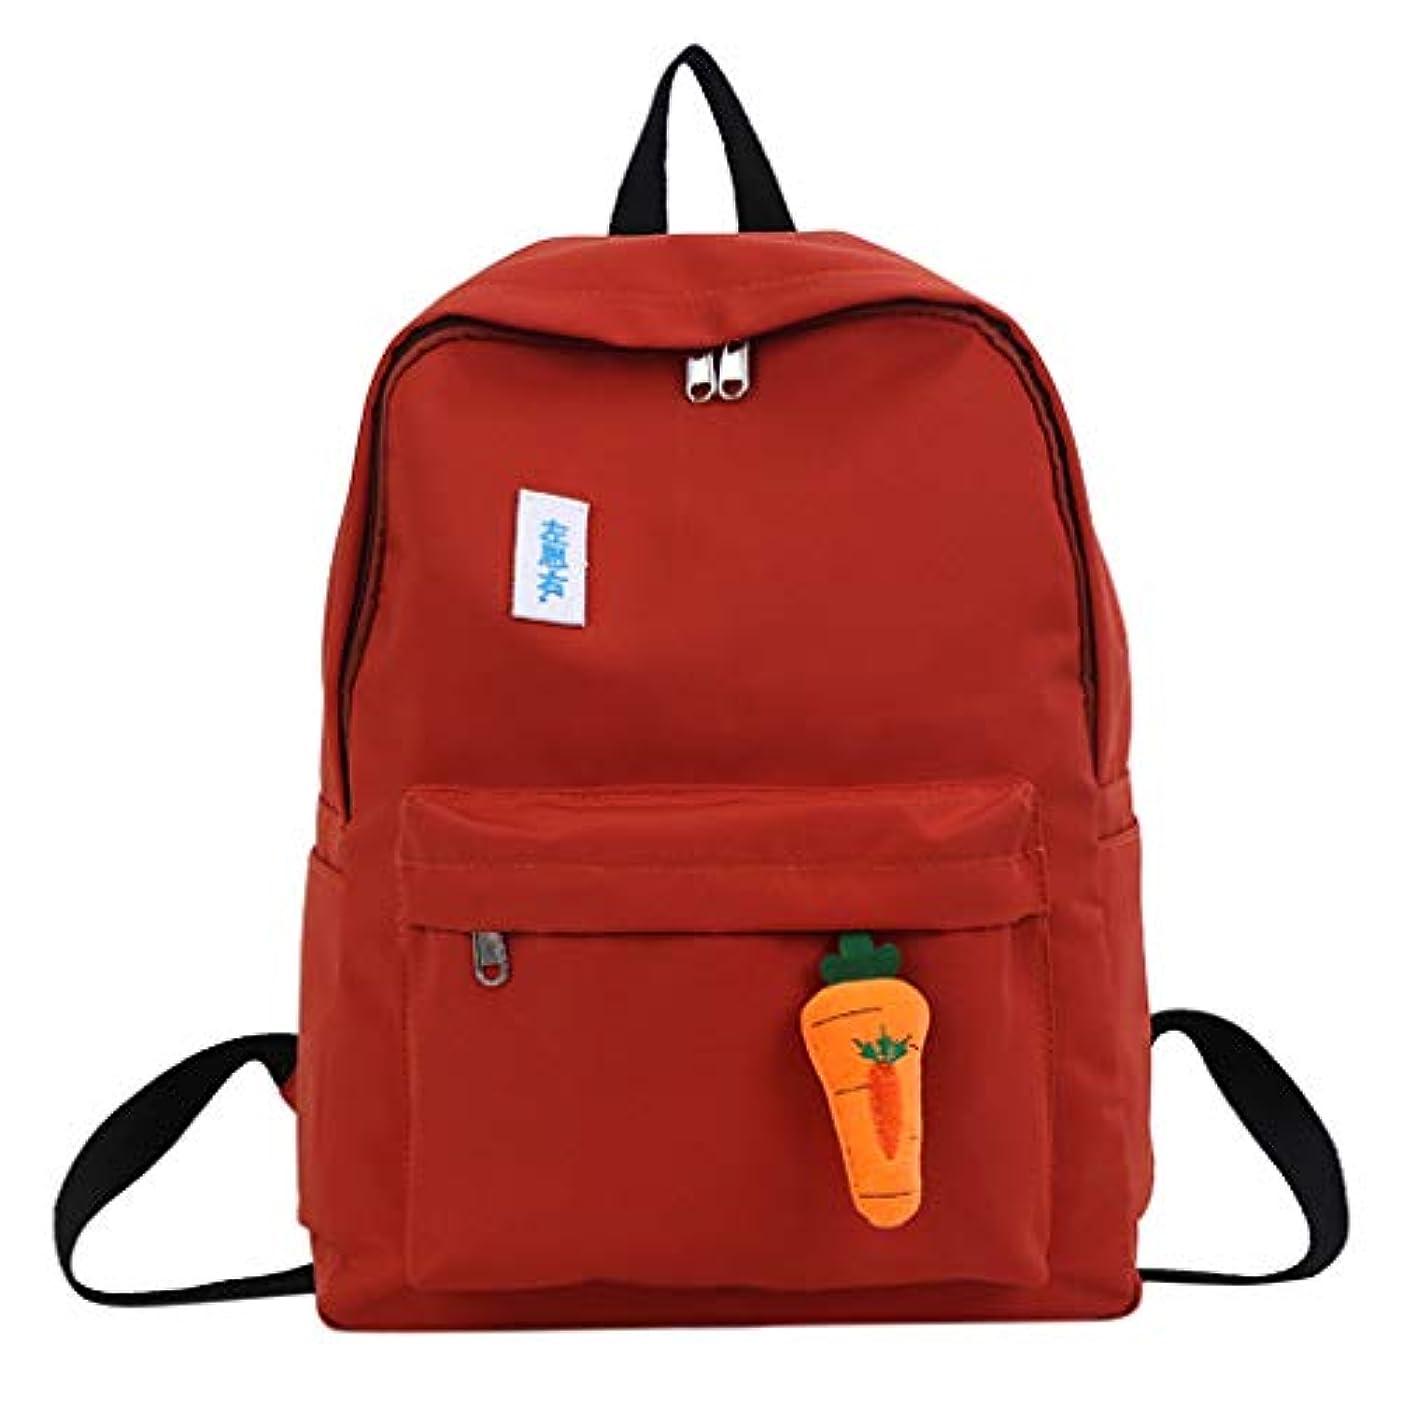 職業上がる夕食を食べる女子学生カジュアルファッションシンプルなバックパック軽量キャンバスバックパックガールズ屋外大容量かわいいヴィンテージバッグ